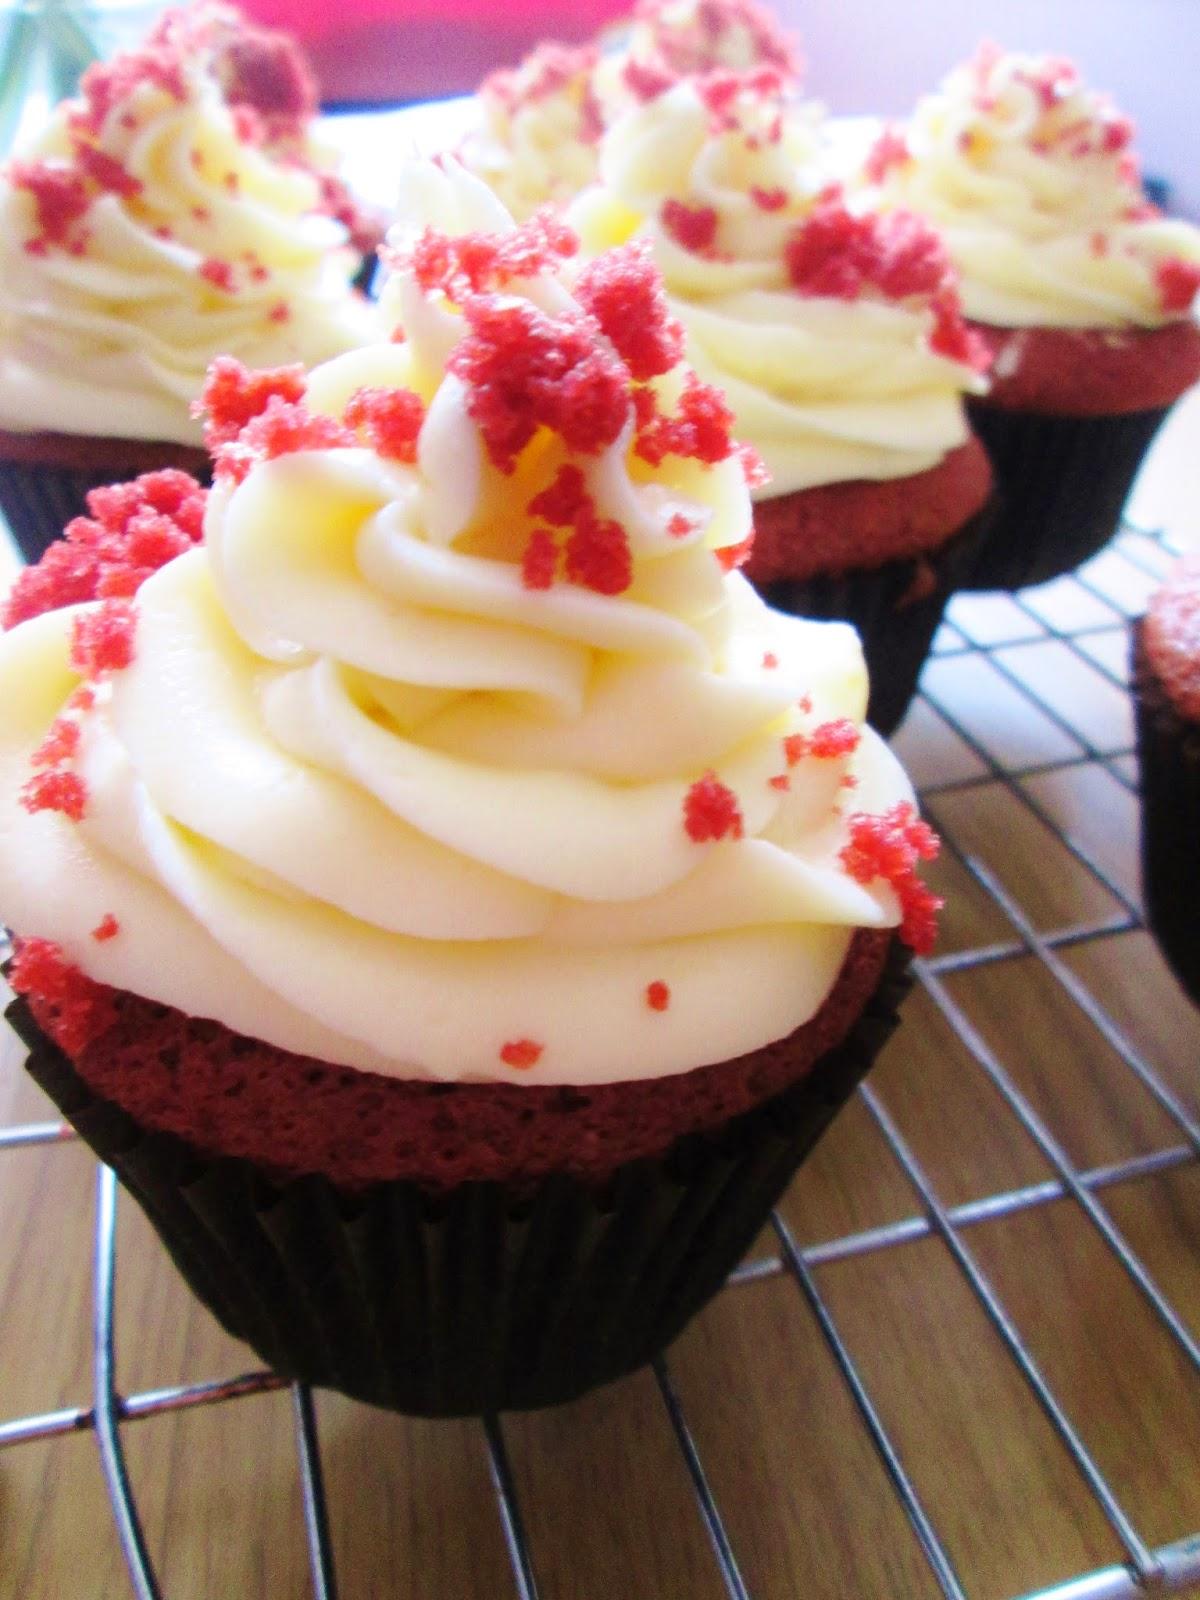 themessykitchenuk.blogspot.co.uk/2014/03/red-velvet-cupcakes.html